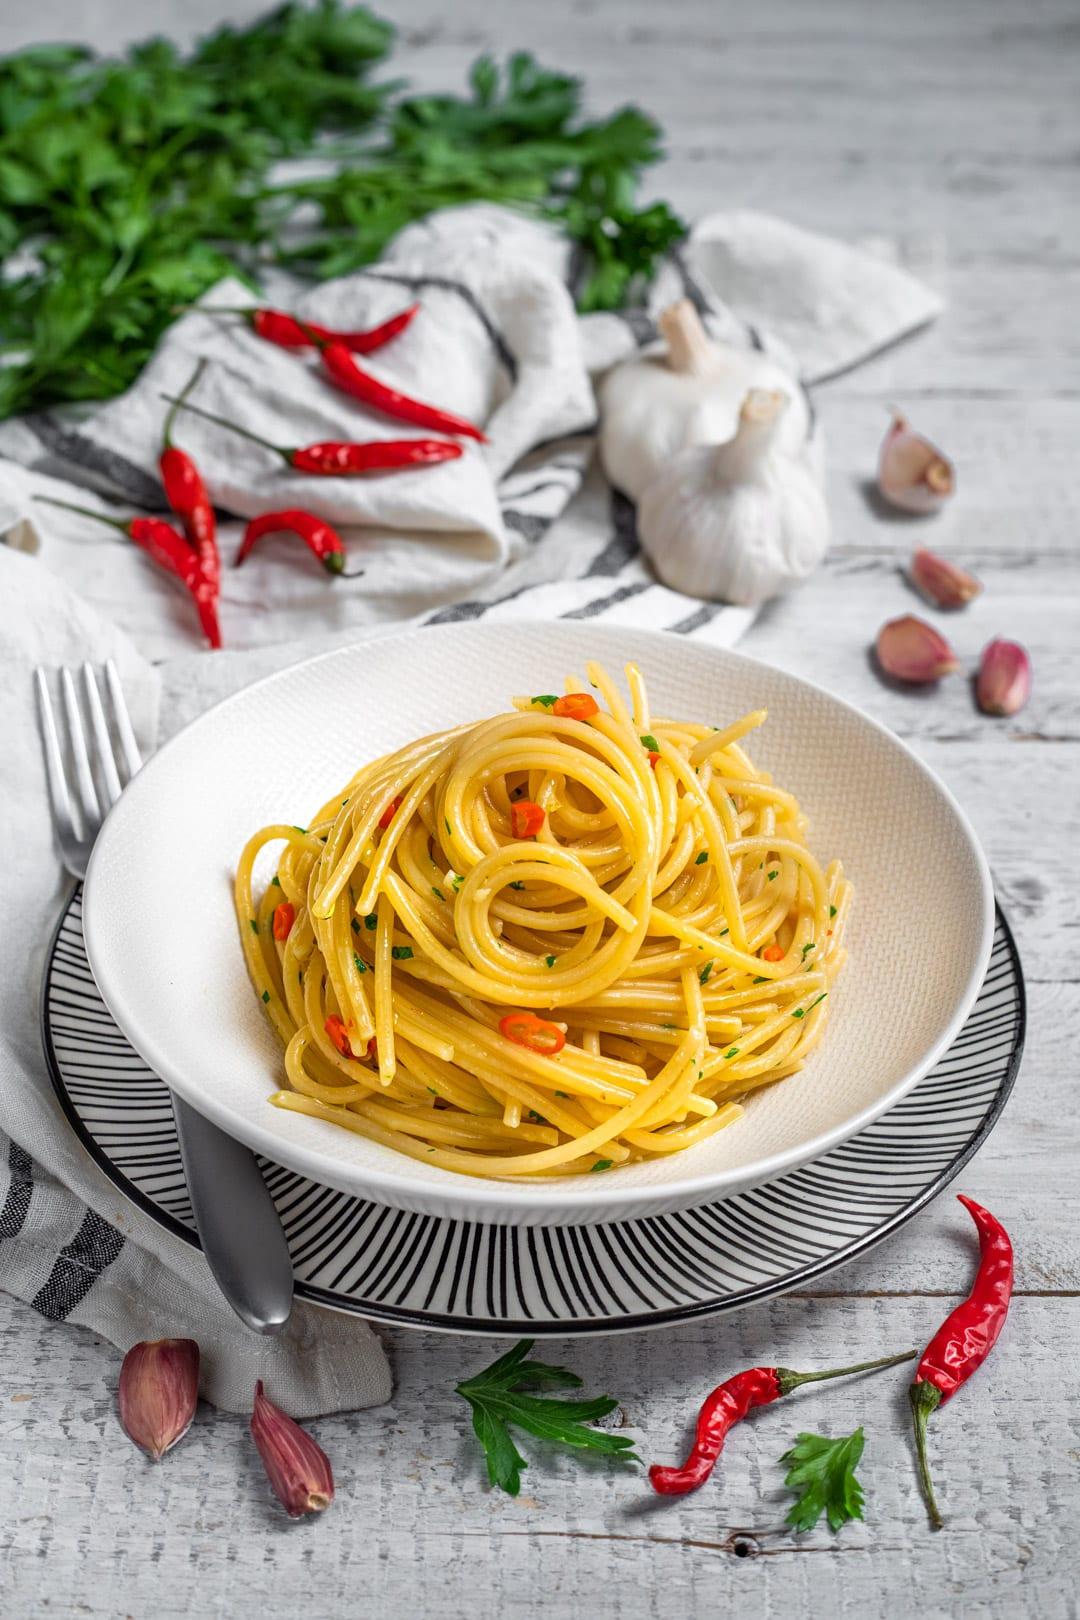 Spaghetti aglio, olio e peperoncino